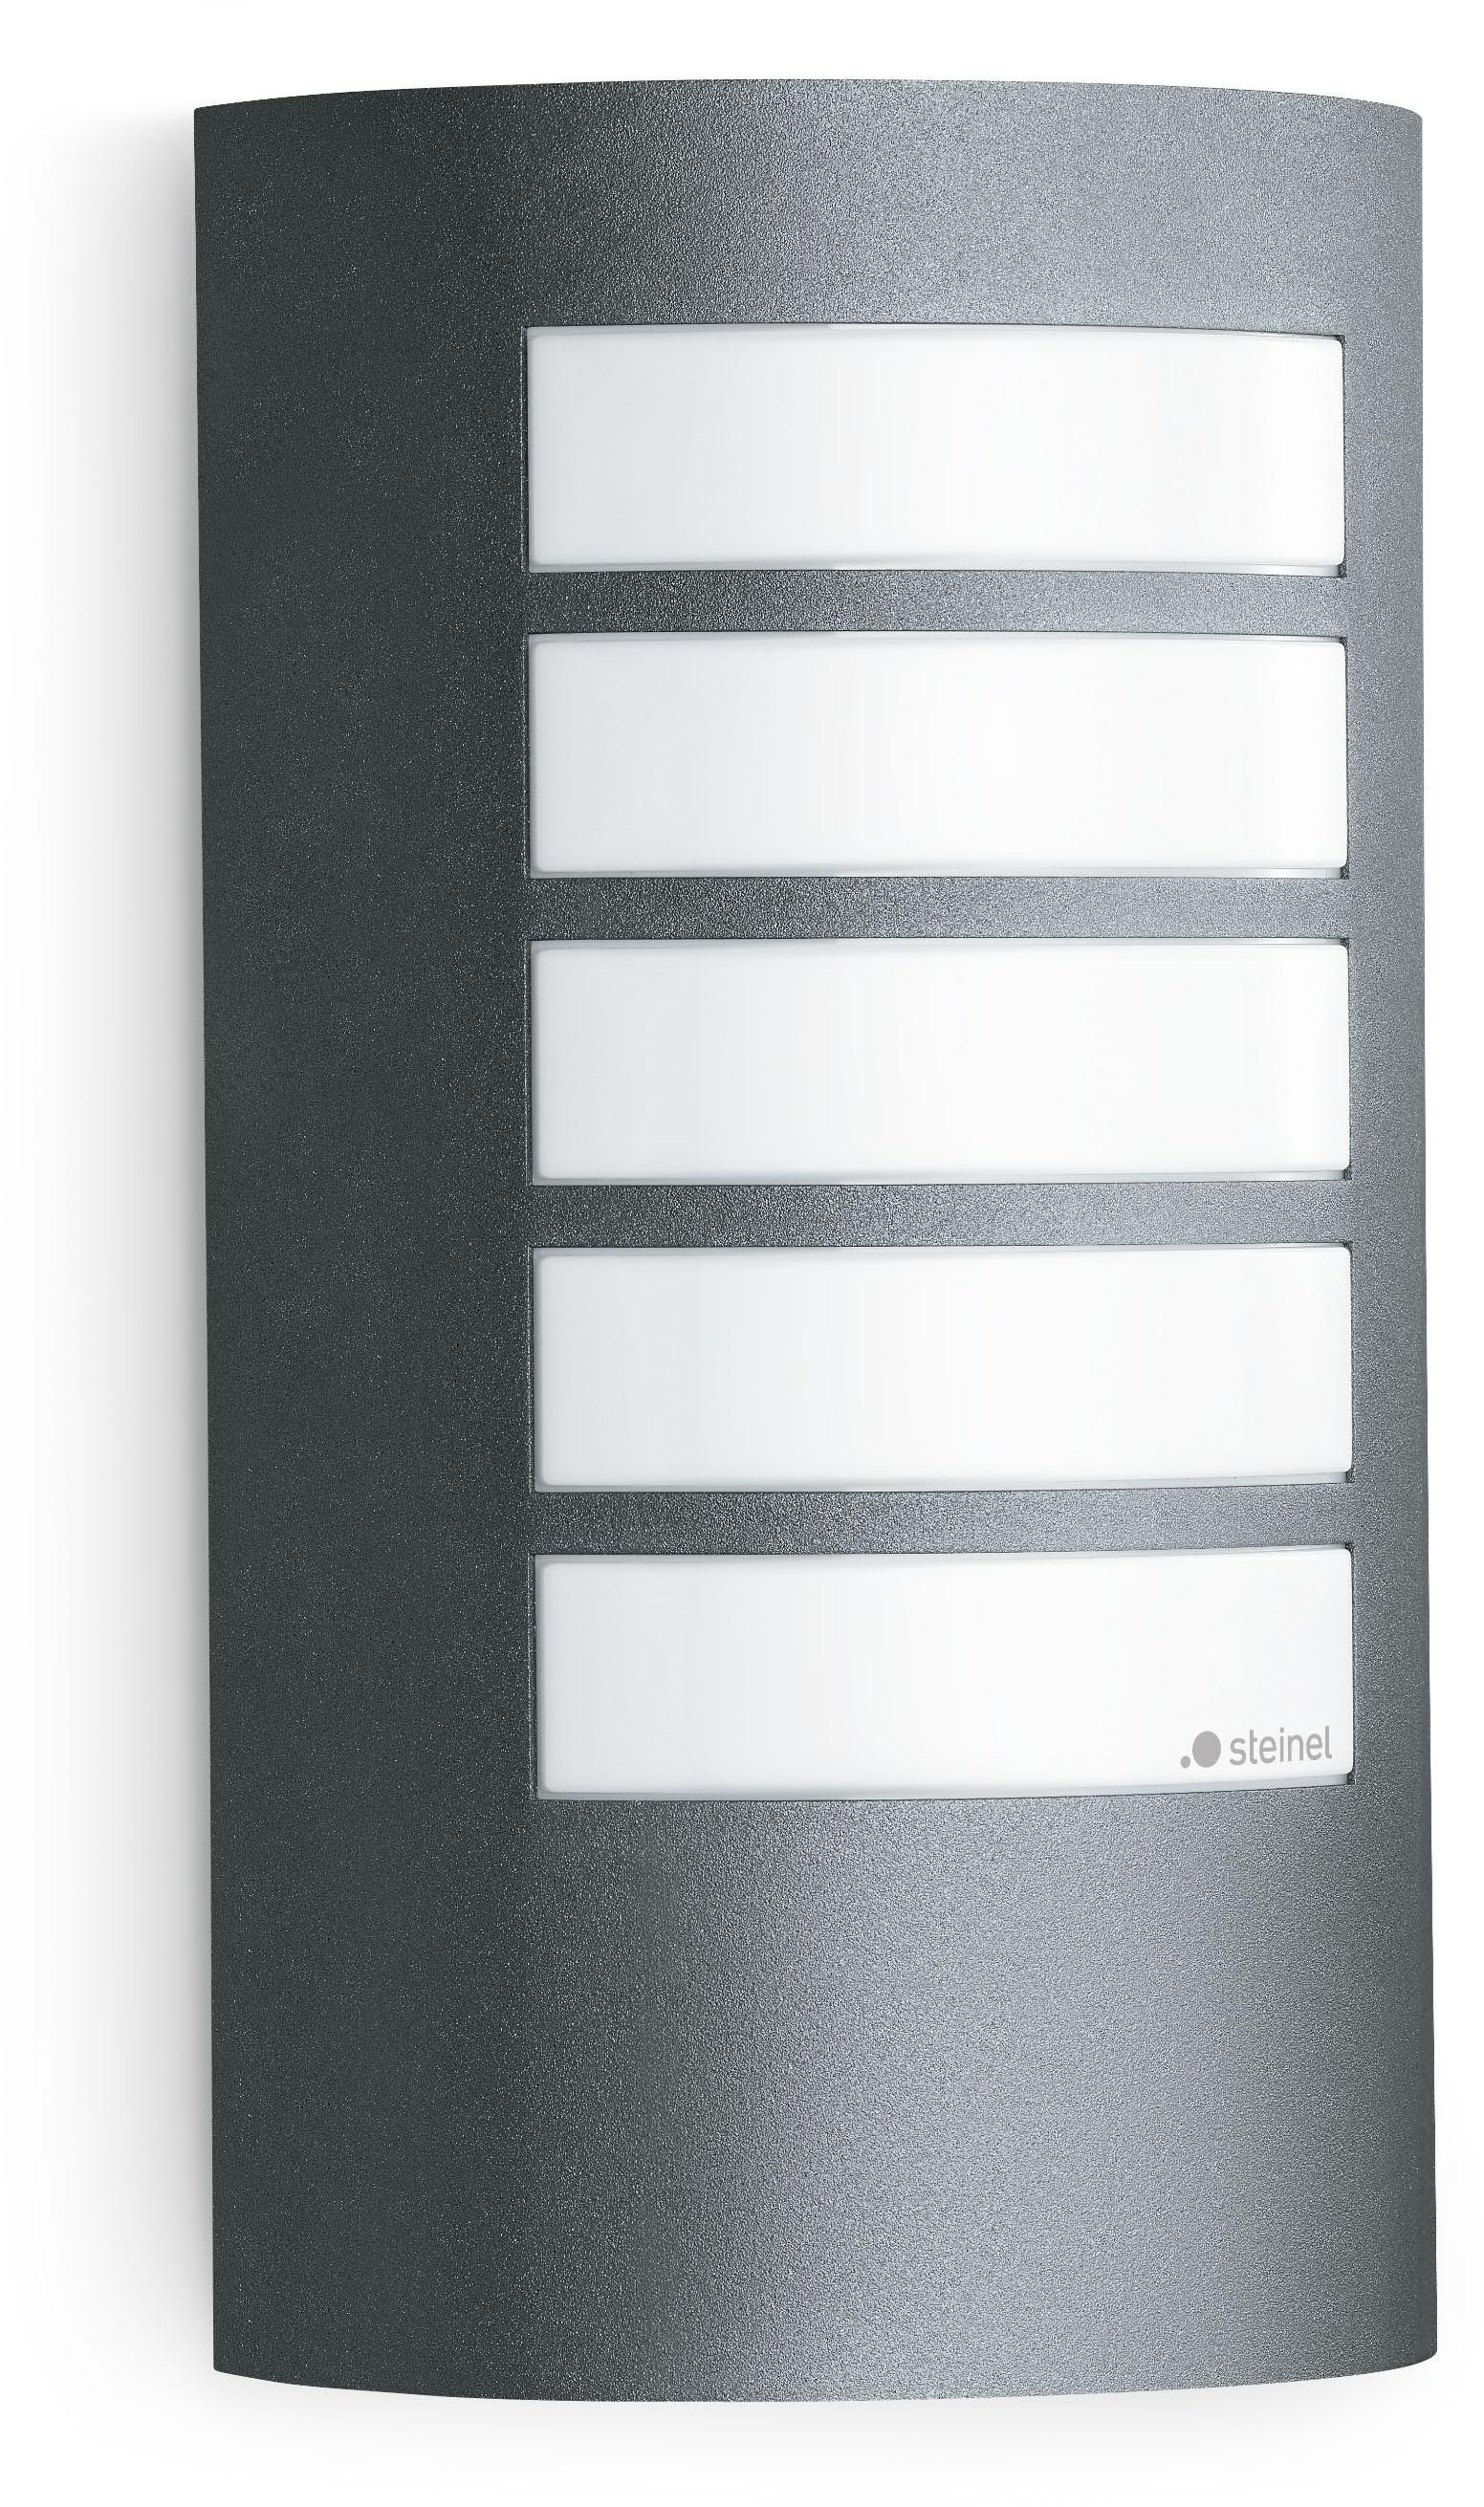 steinel Außen-Wandleuchte L 12, E27, manuell per Schalter ein- und ausstellbar